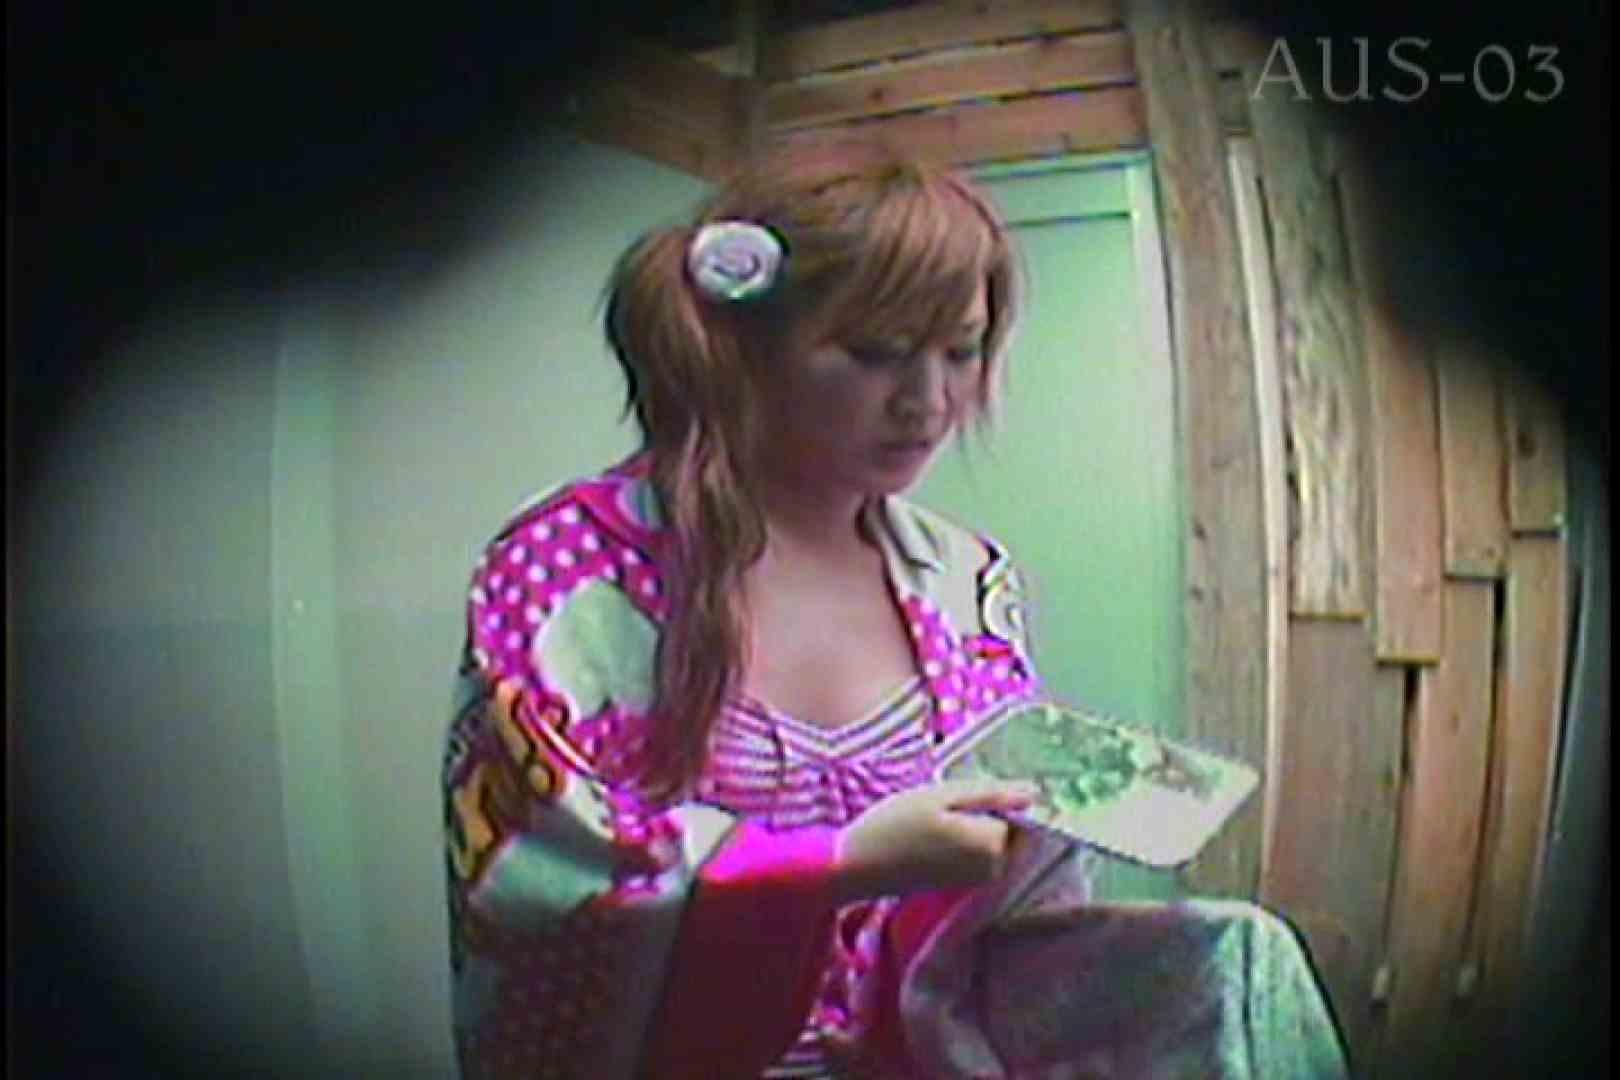 海の家の更衣室 Vol.14 日焼けした肌 オメコ動画キャプチャ 91画像 89